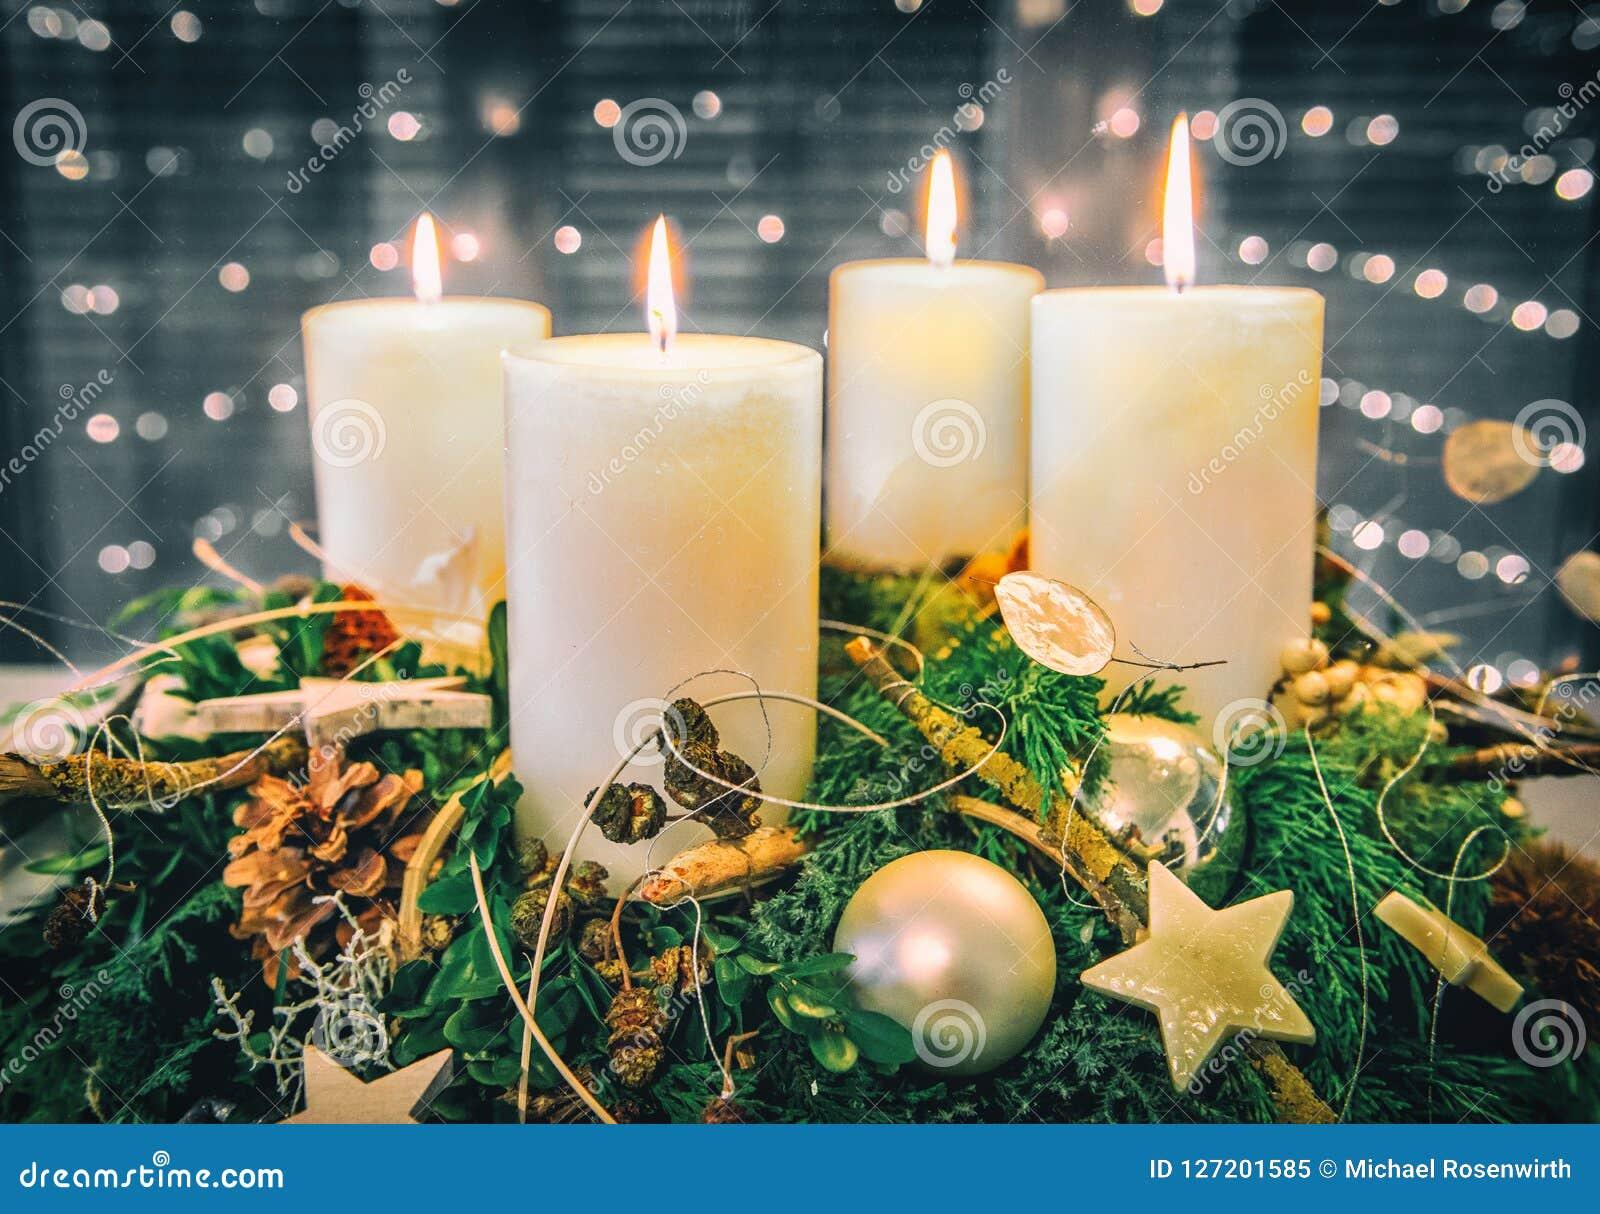 Праздничный венок пришествия с горящими свечами